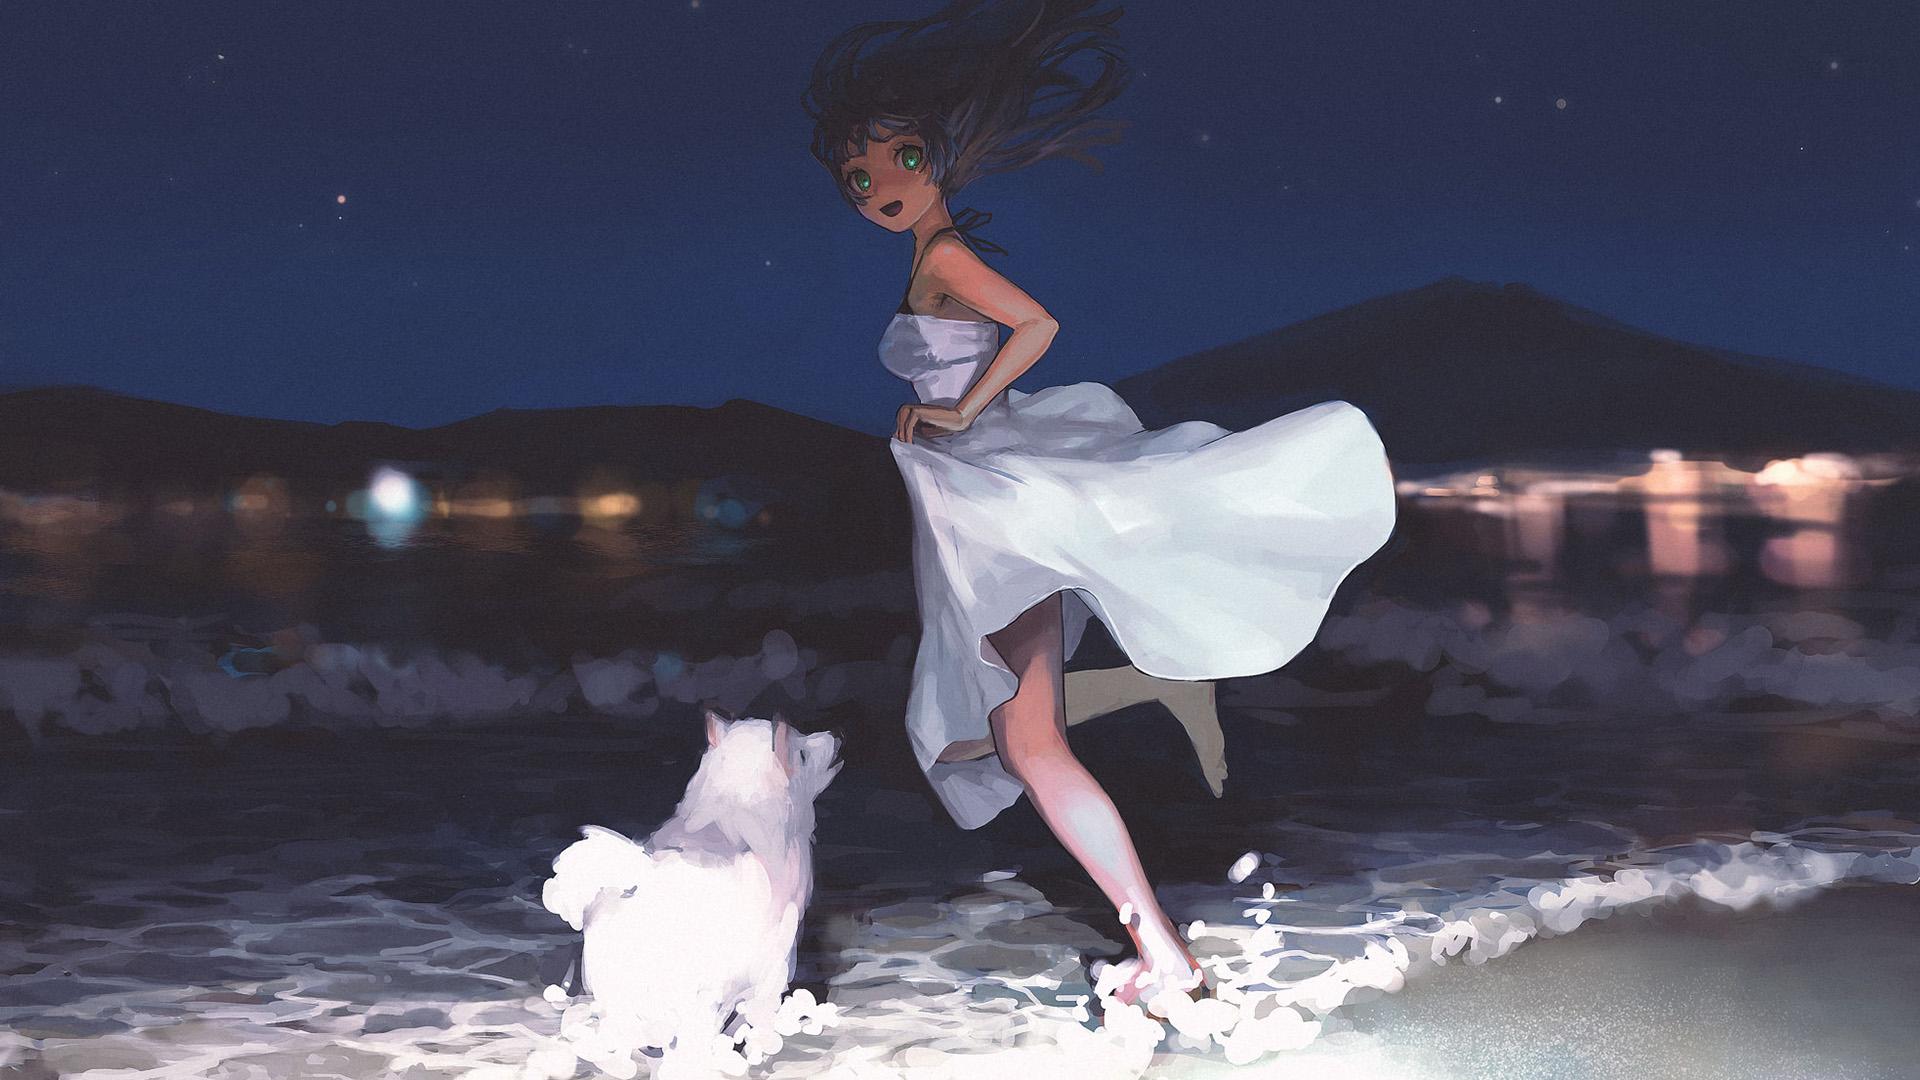 动漫卡通,夜晚的海边,狗狗,可爱女孩